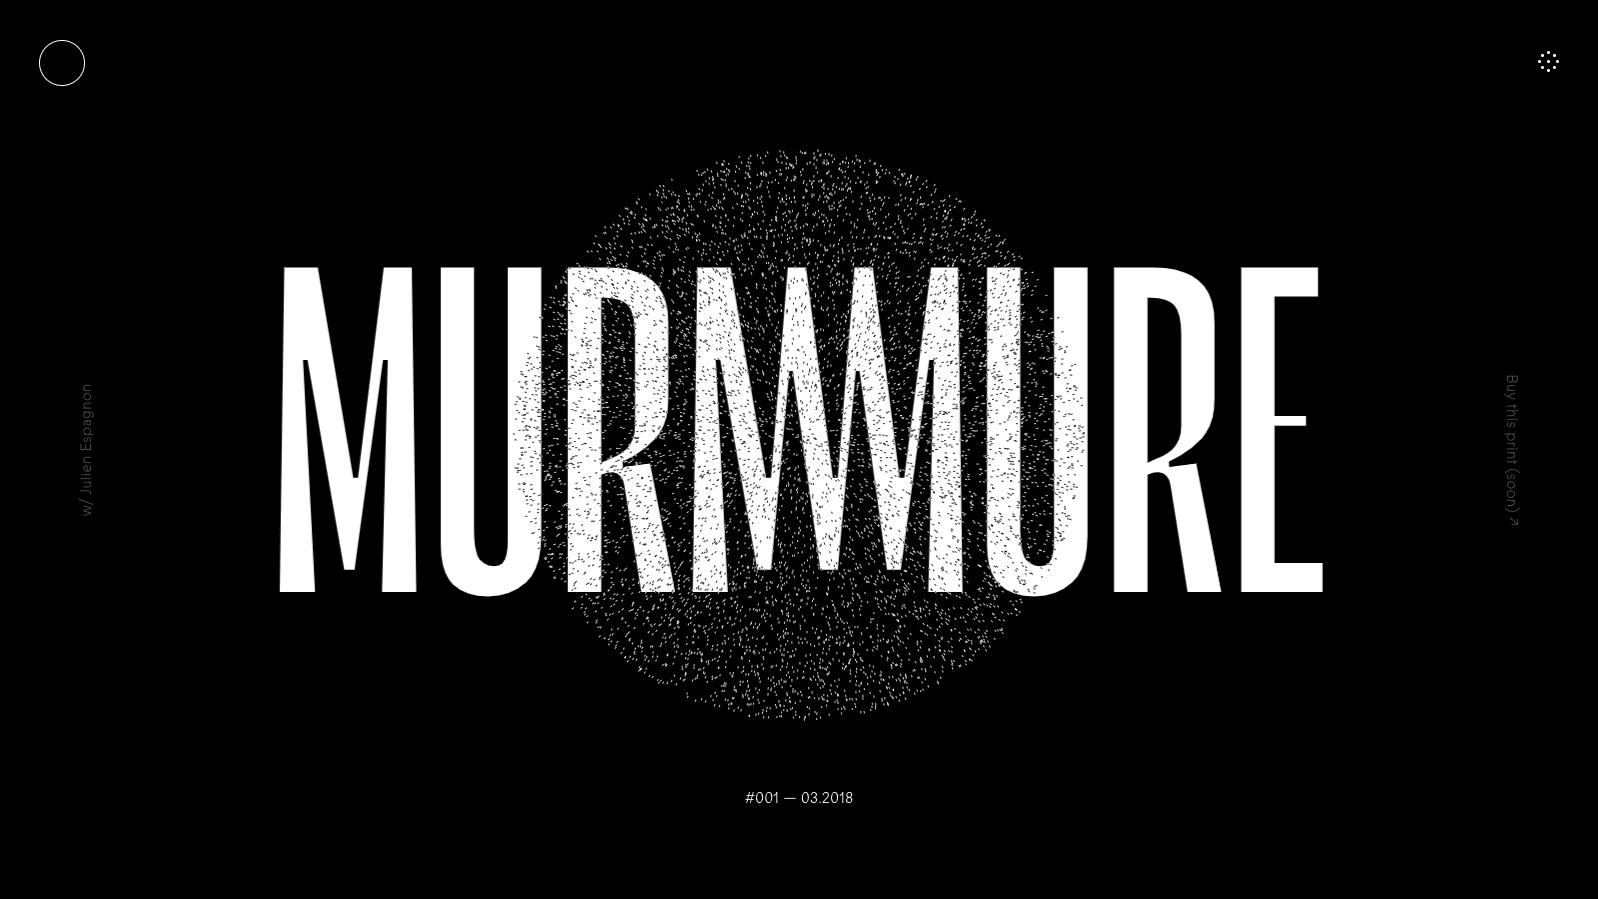 Murmure